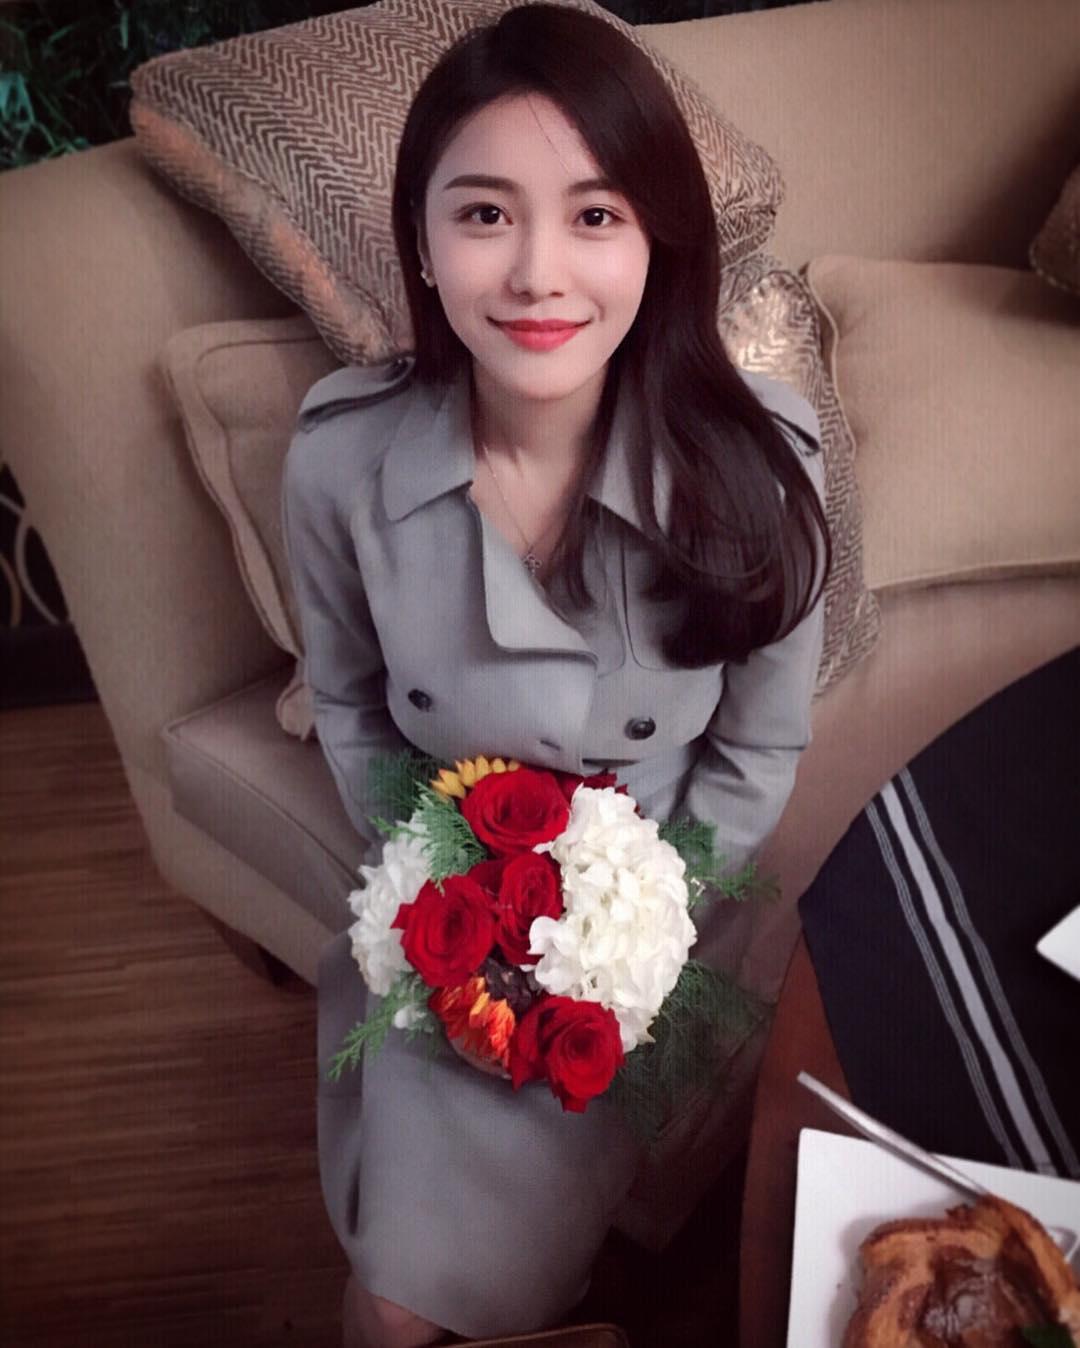 Trung Quốc có thật nhiều những cô nàng xinh đẹp, ngắm mãi mà không chán-3